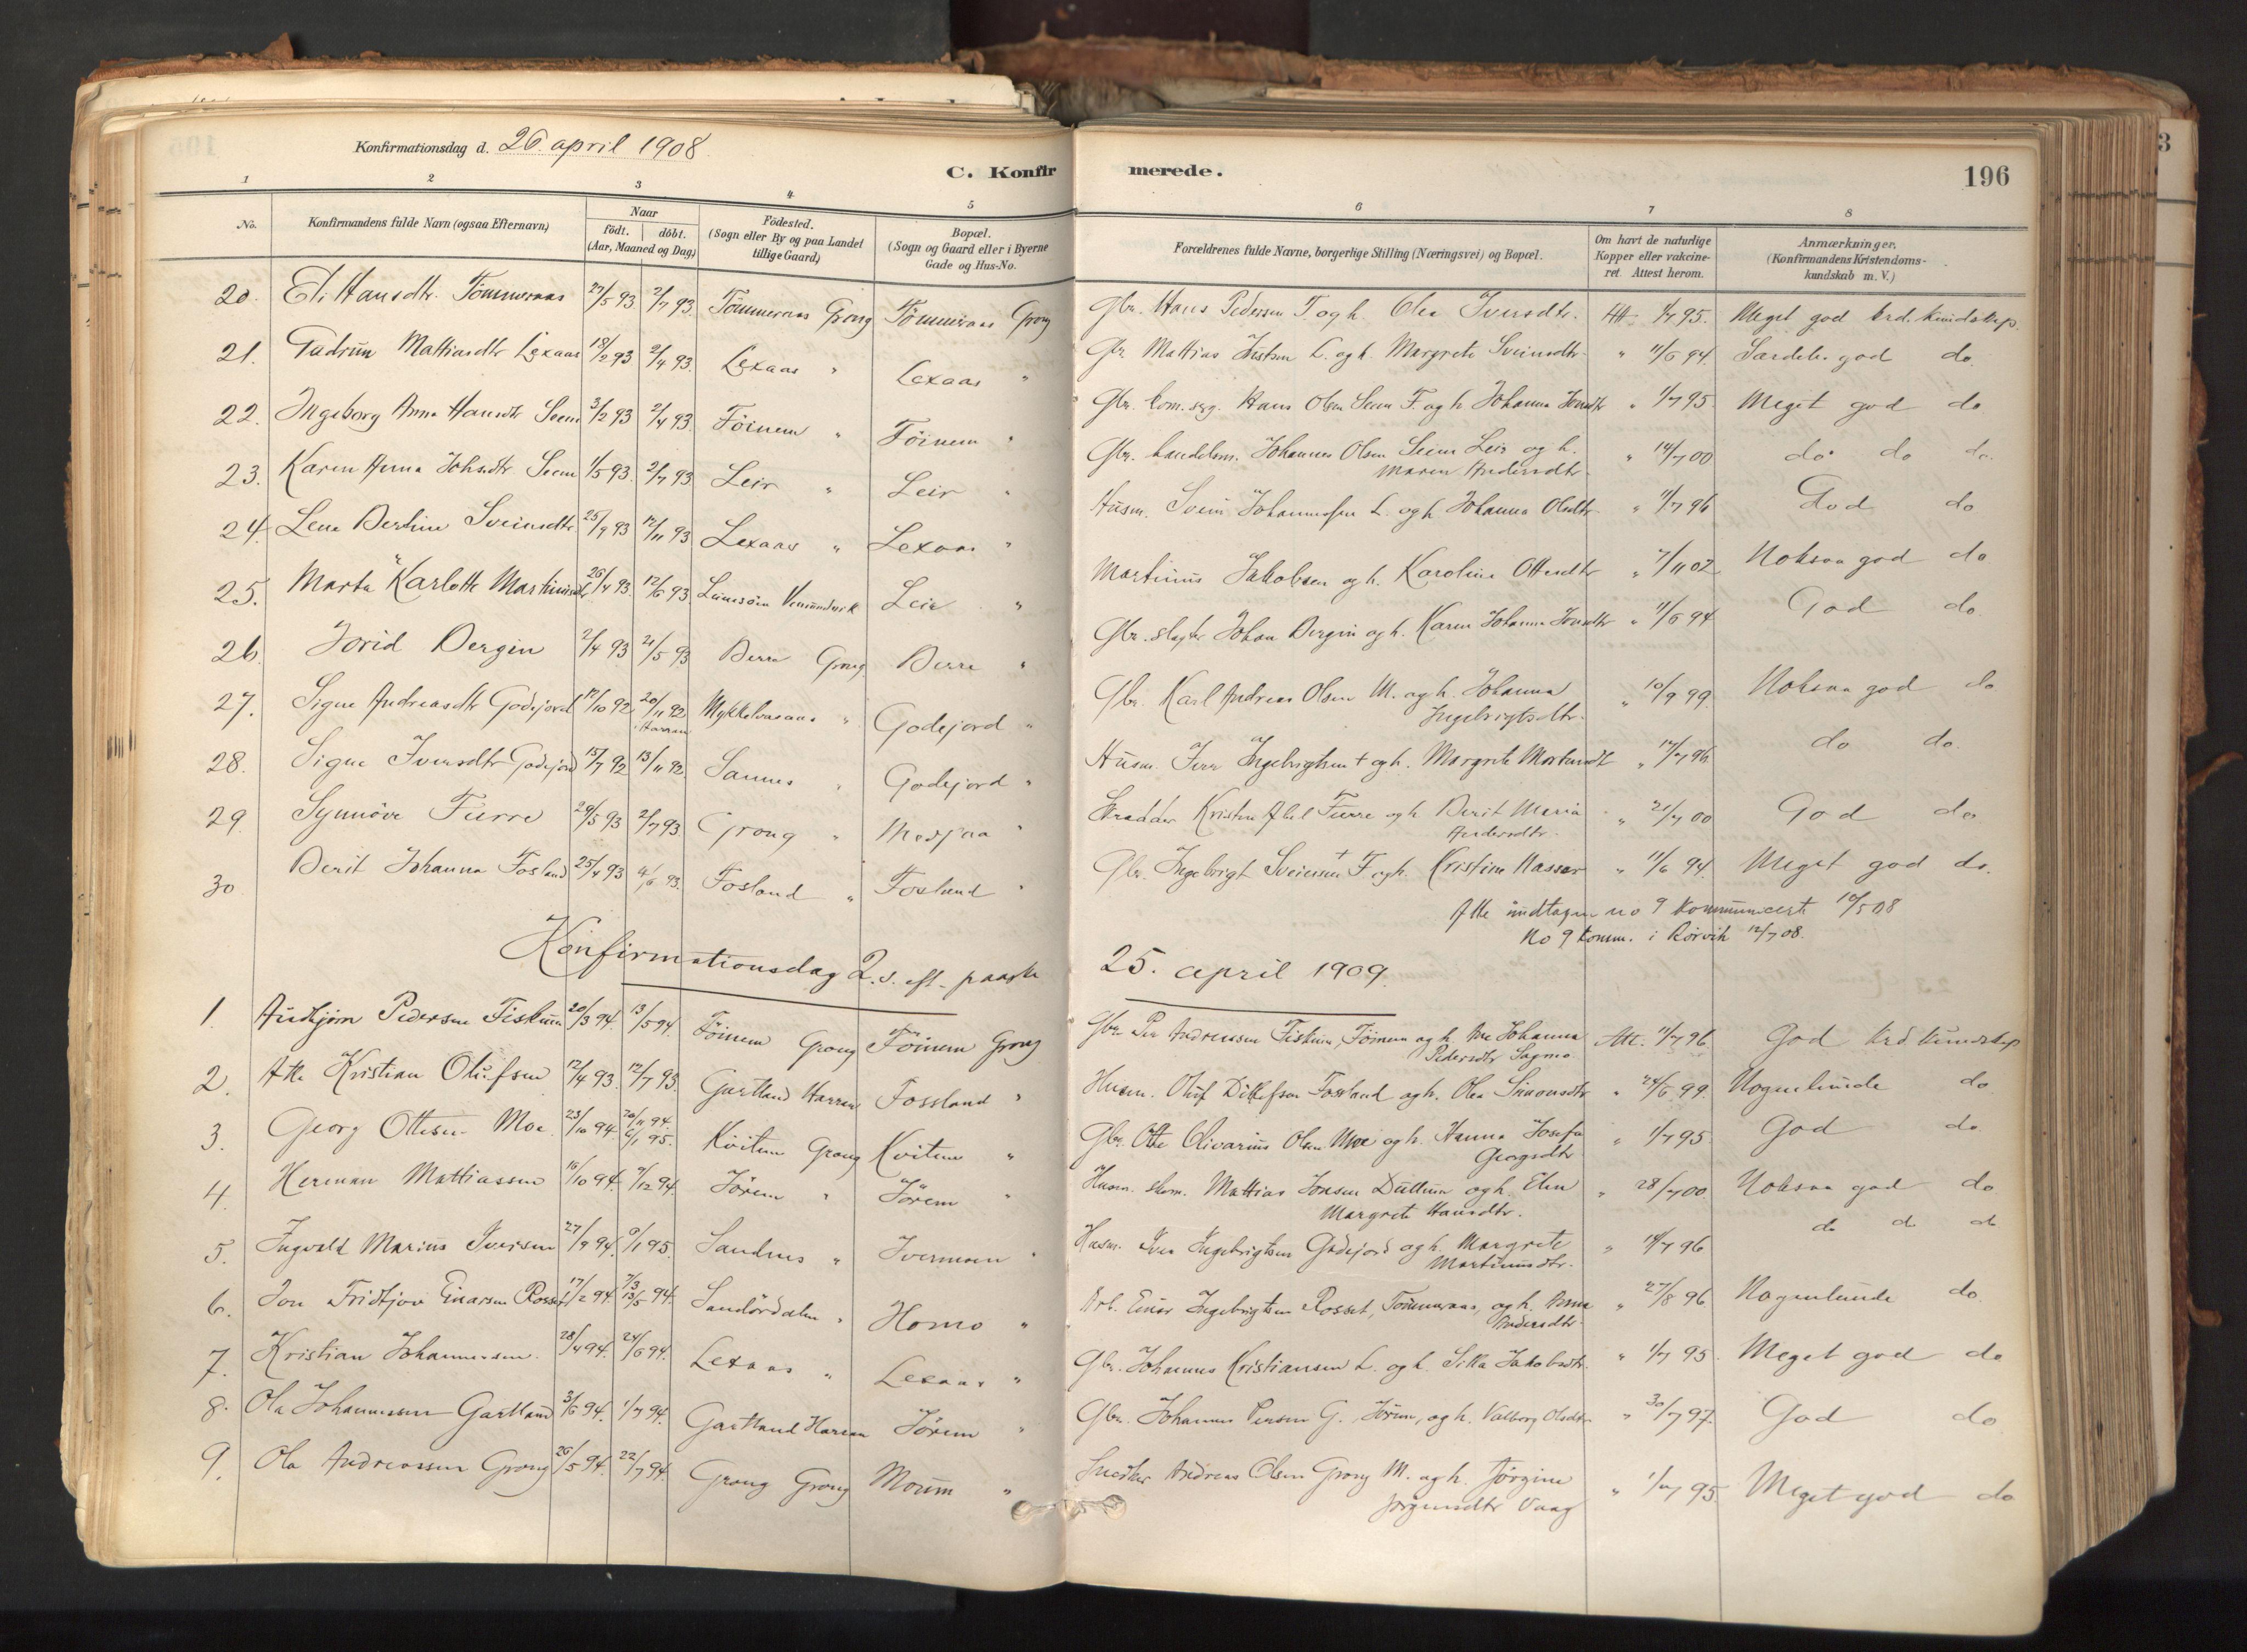 SAT, Ministerialprotokoller, klokkerbøker og fødselsregistre - Nord-Trøndelag, 758/L0519: Ministerialbok nr. 758A04, 1880-1926, s. 196